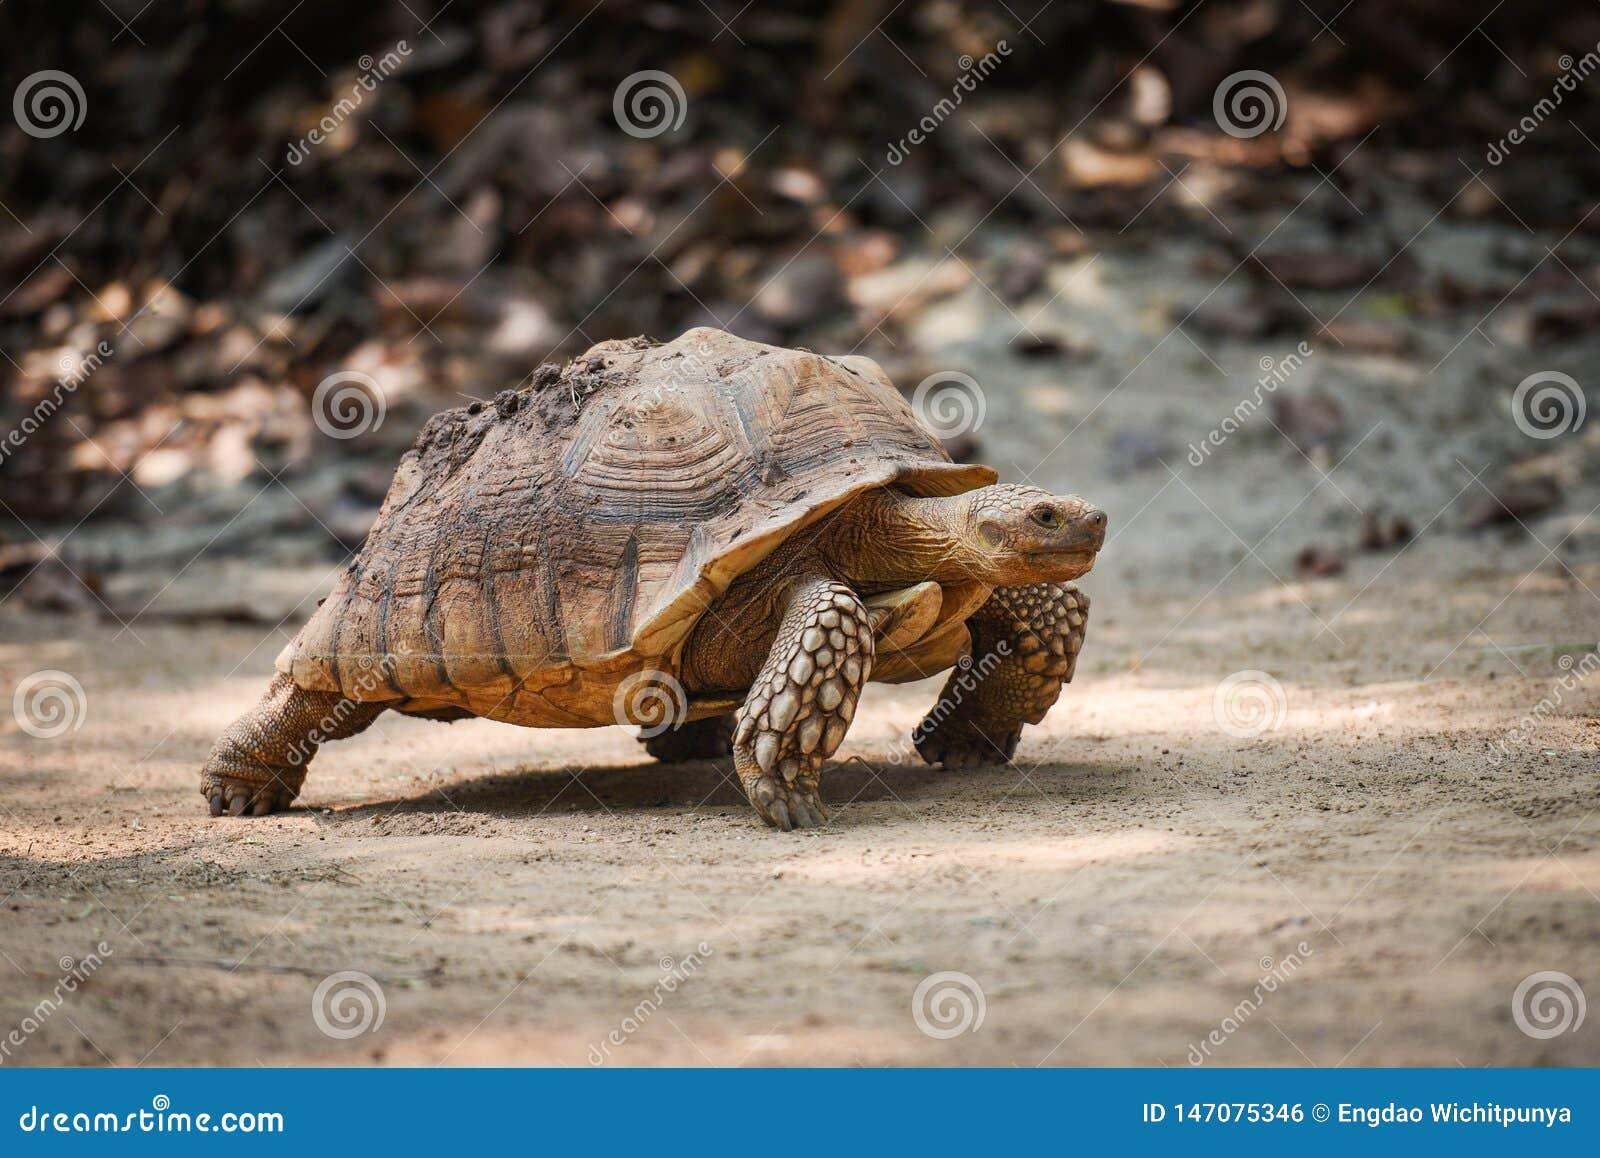 Afrikansk sporrad sköldpadda/slut upp att gå för sköldpadda